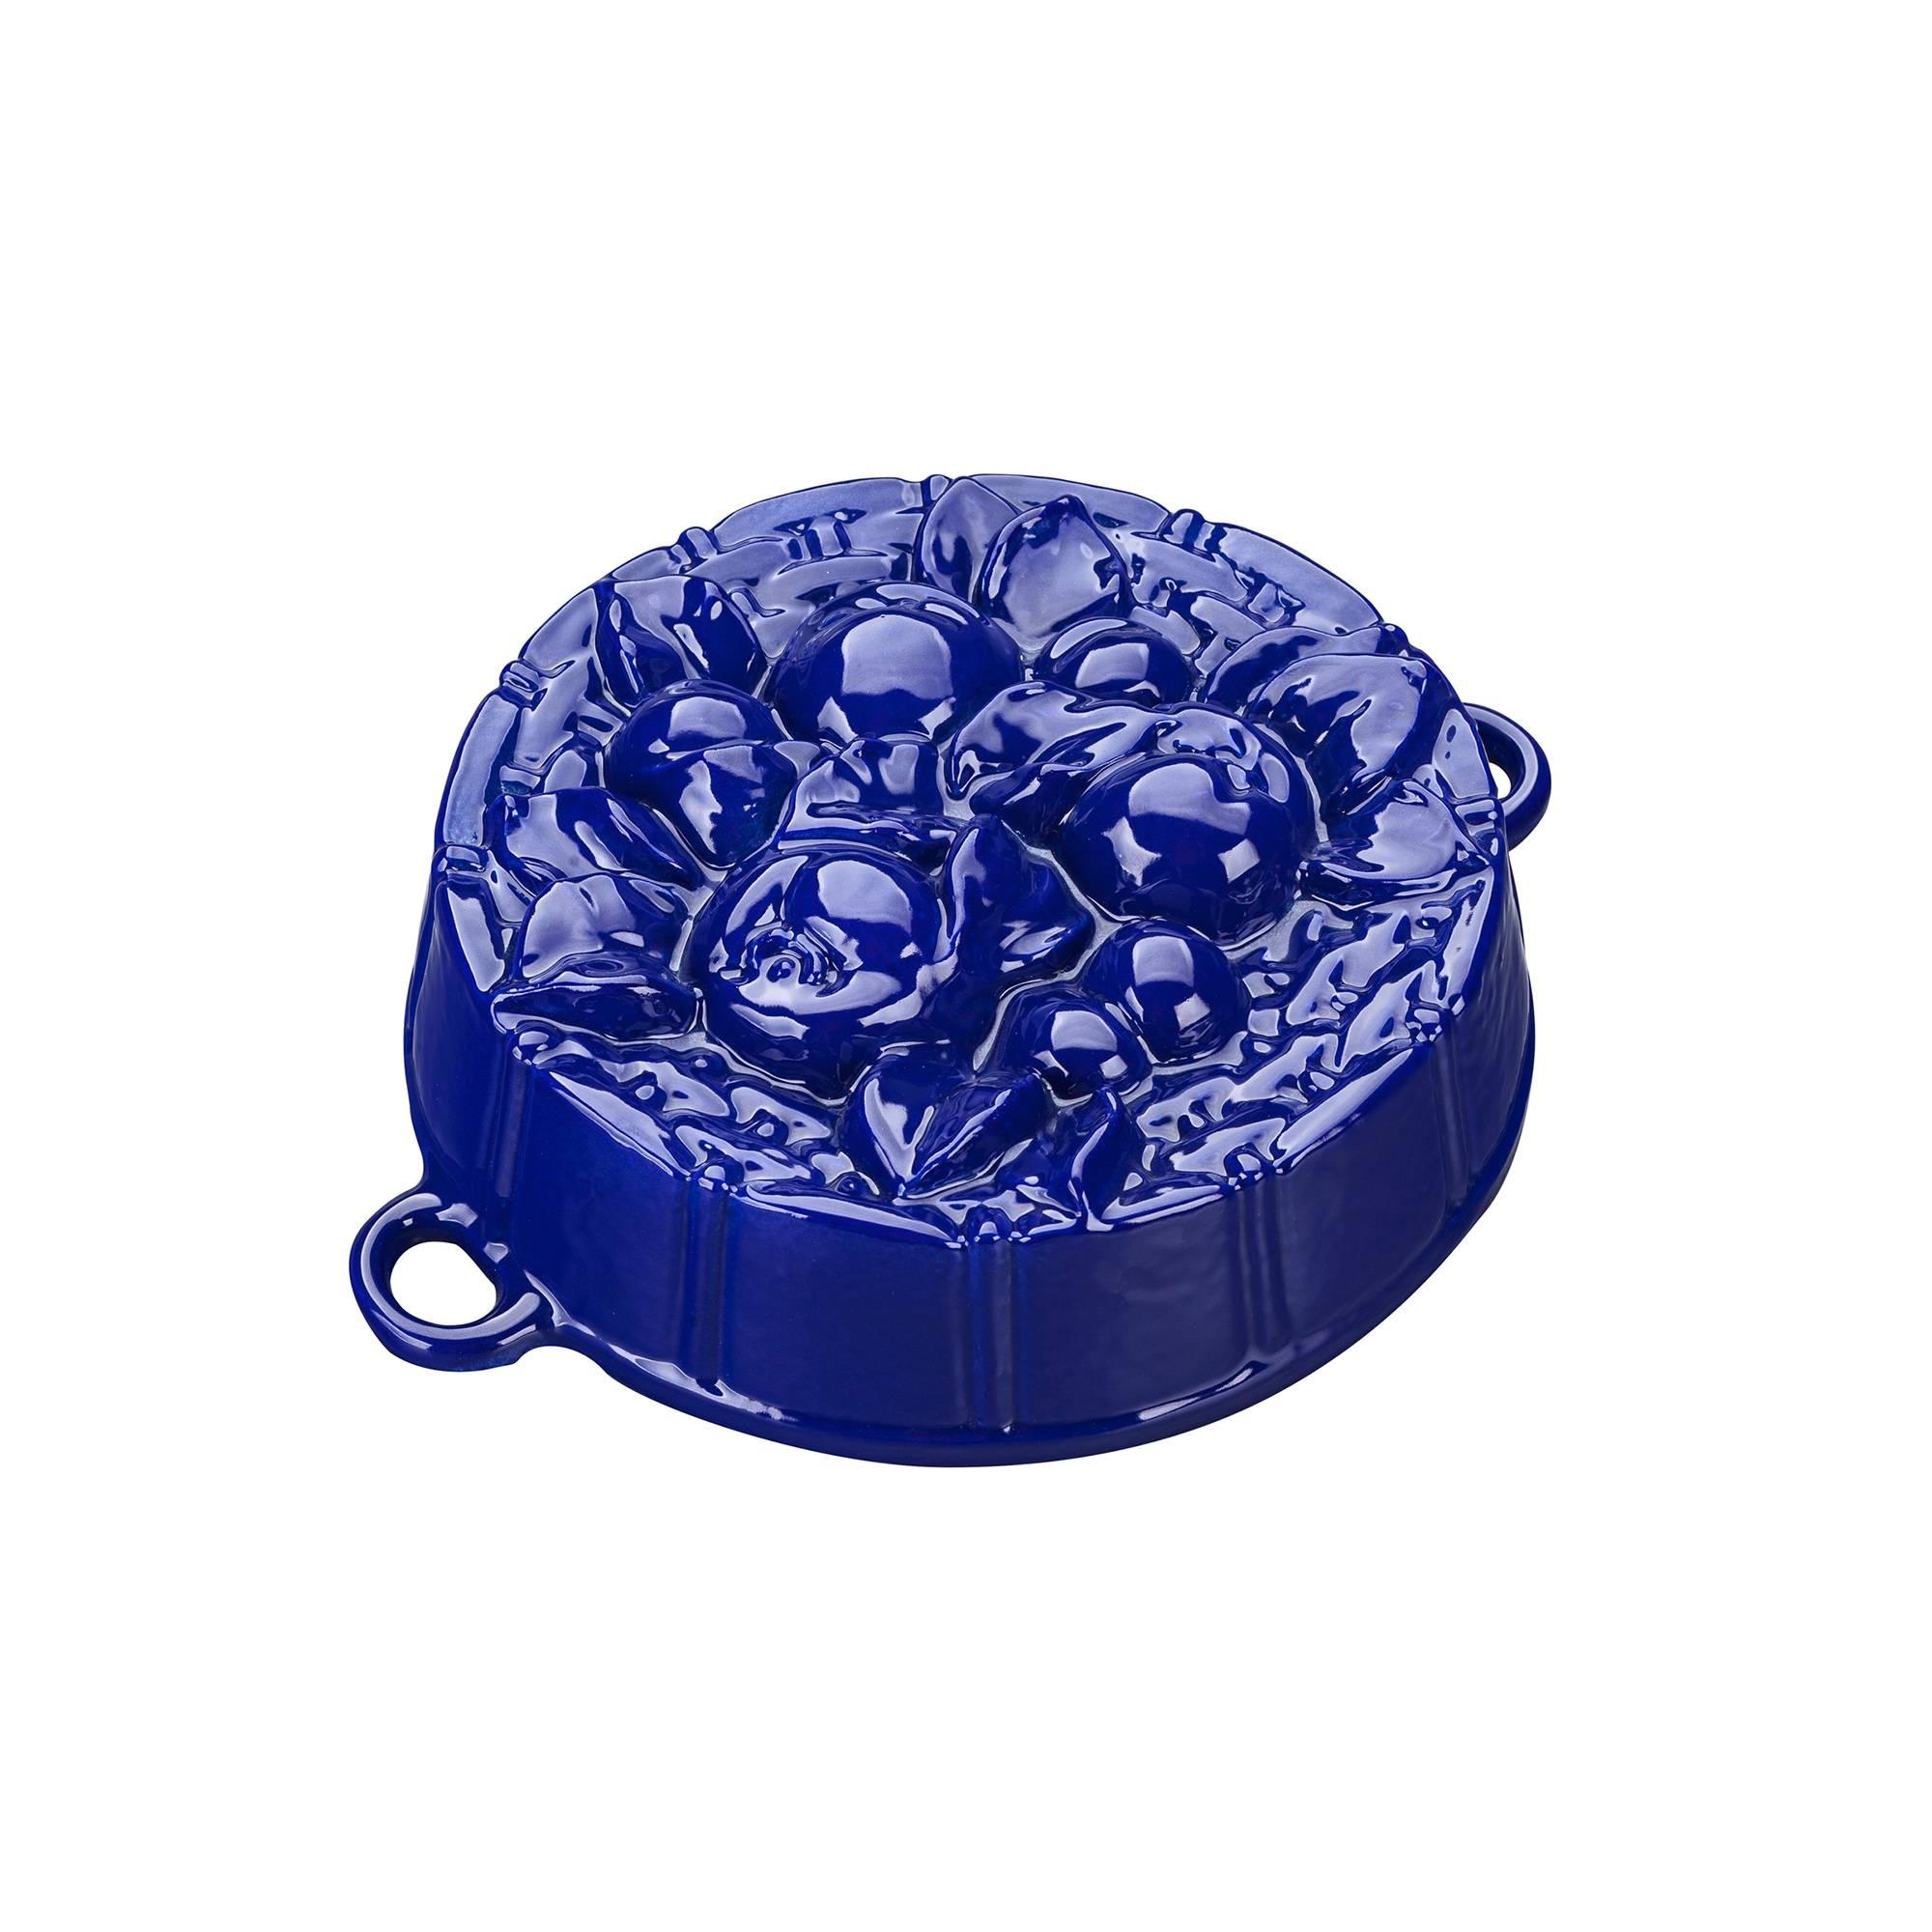 Pečící forma s jablíčky, modrá - Smalt